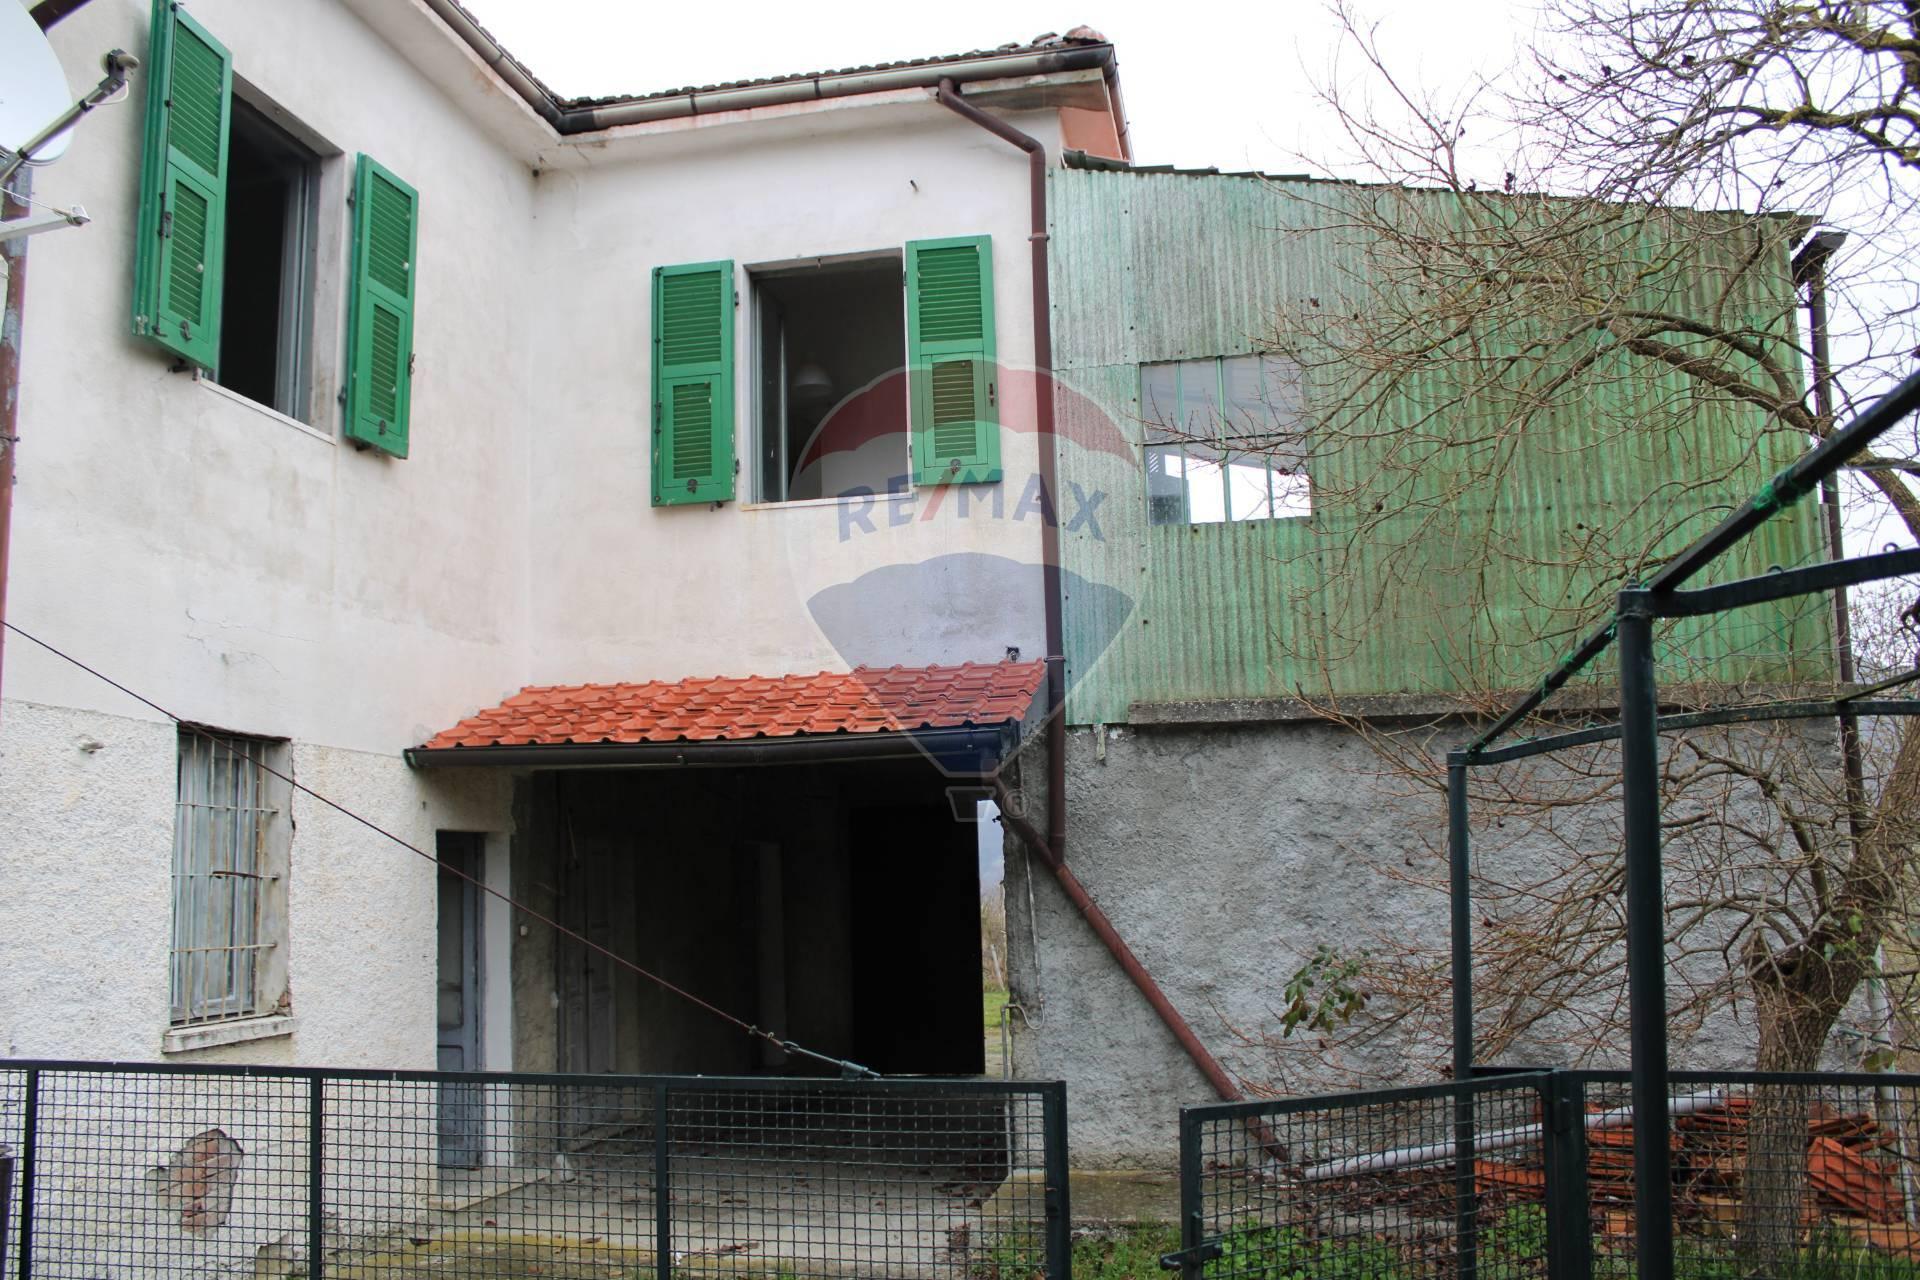 Soluzione Semindipendente in vendita a Mombaldone, 4 locali, prezzo € 40.000 | CambioCasa.it